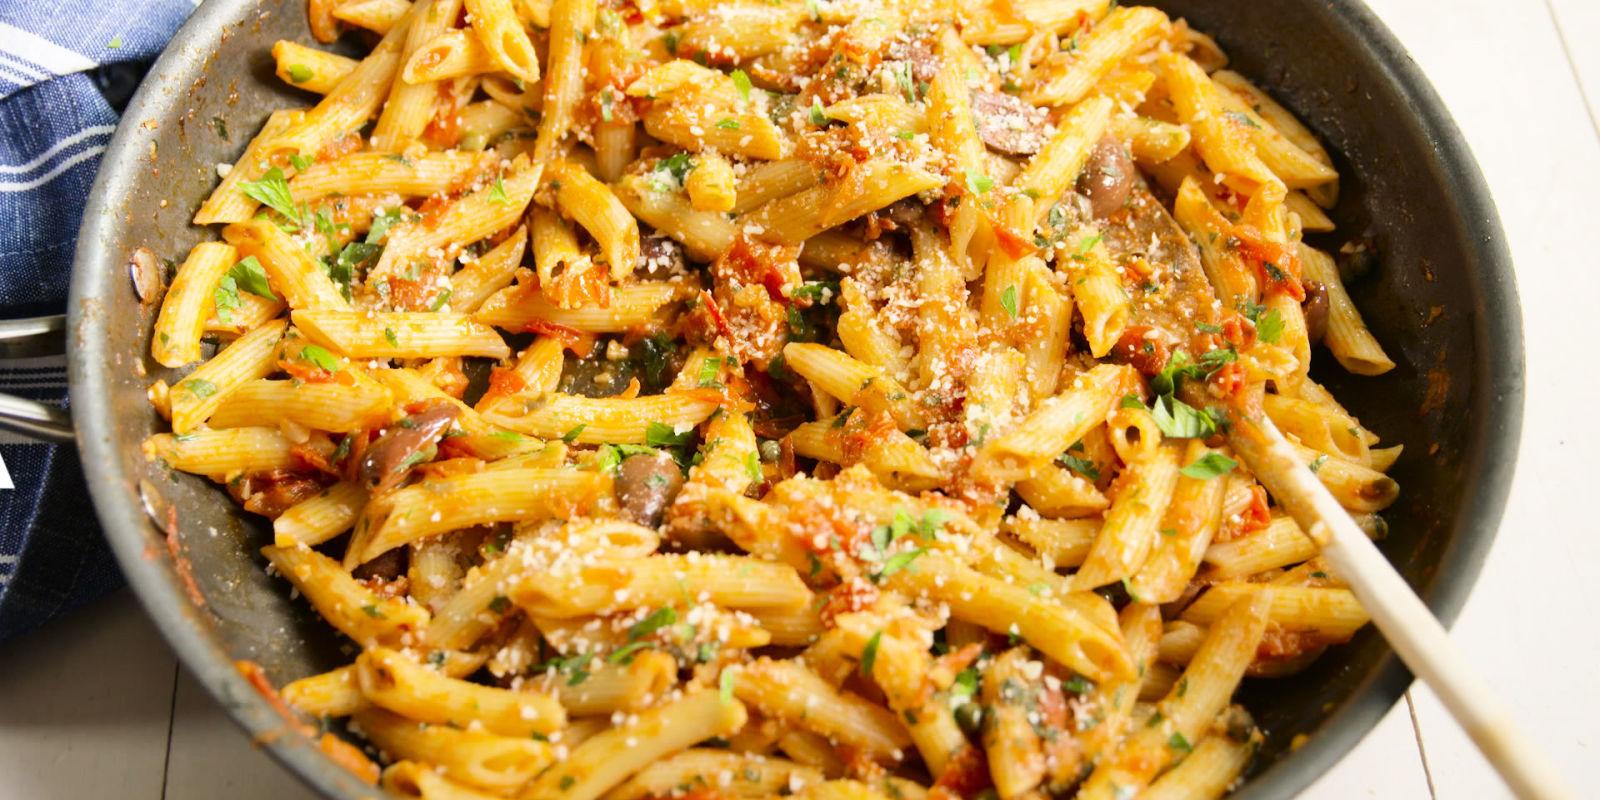 Penne Puttanesca - Puttanesca Pasta